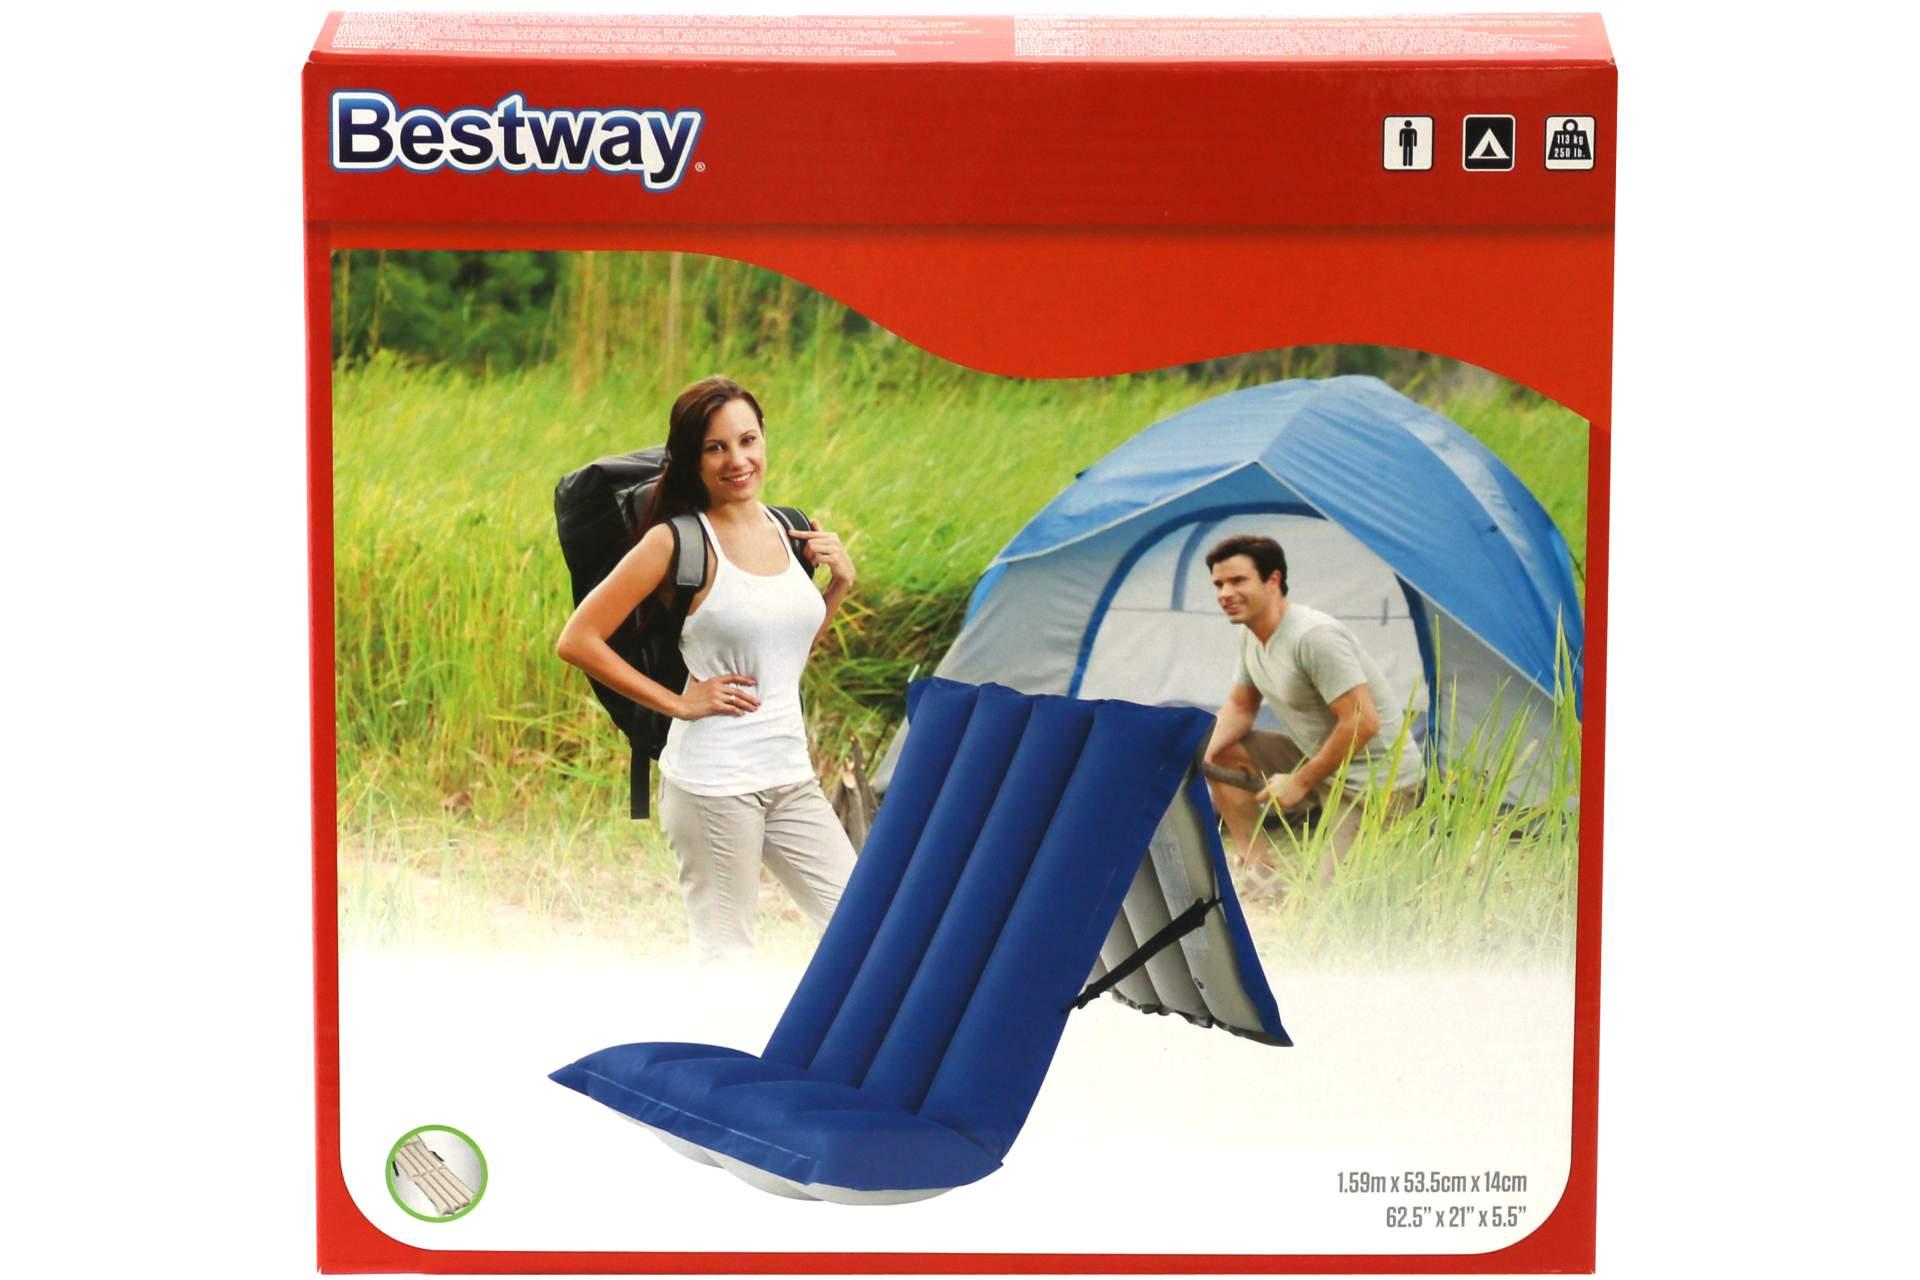 luftmatratze bestway 159 x 53 cm gewebe camping bett matratze luftmatratze luma eur 9 99. Black Bedroom Furniture Sets. Home Design Ideas